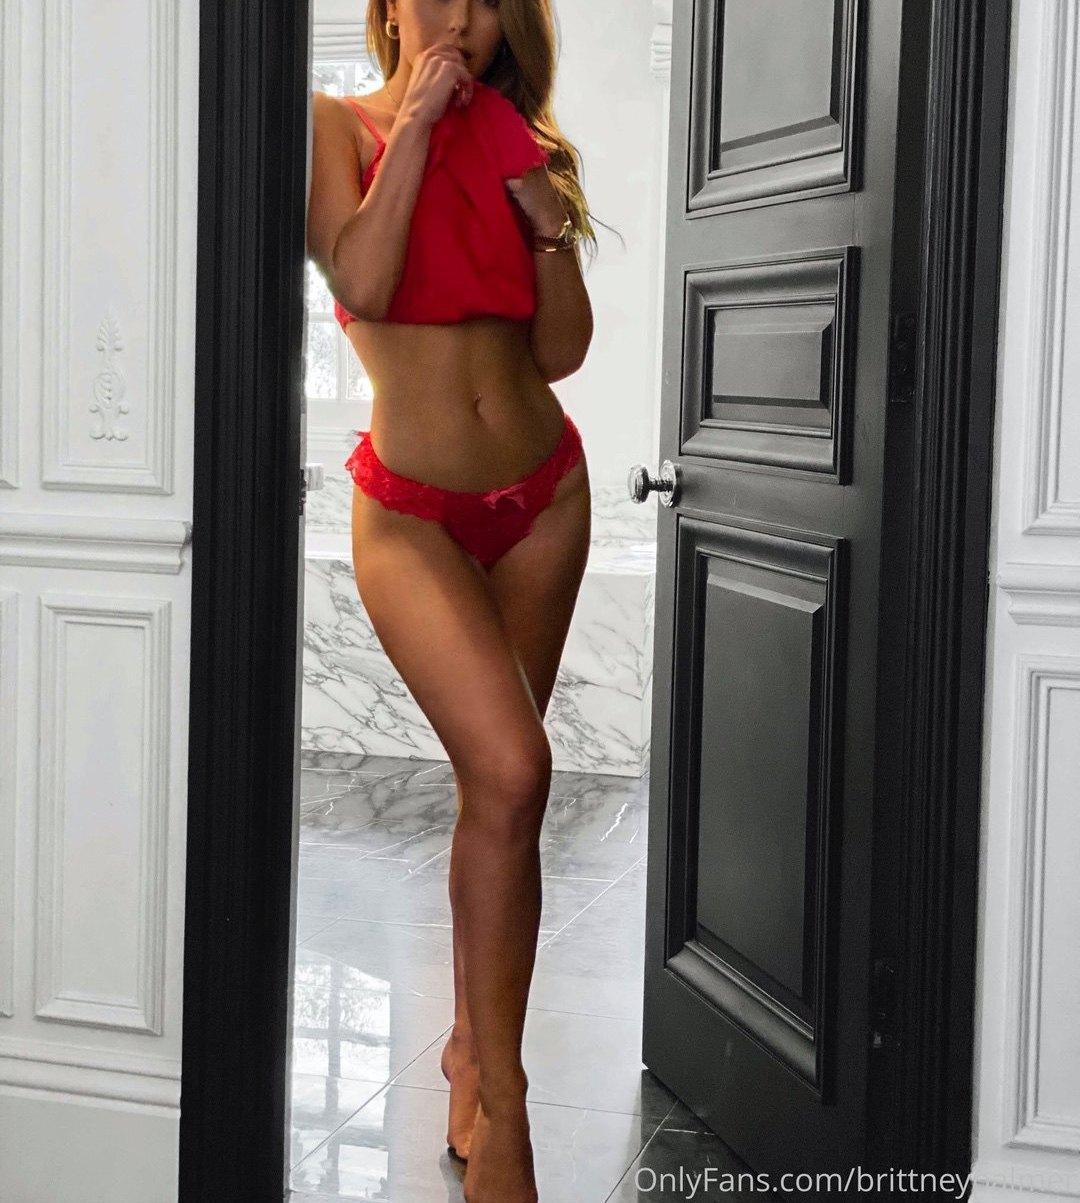 Brittney Palmer Brittneypalmer Onlyfans Sexy Leaks 0002